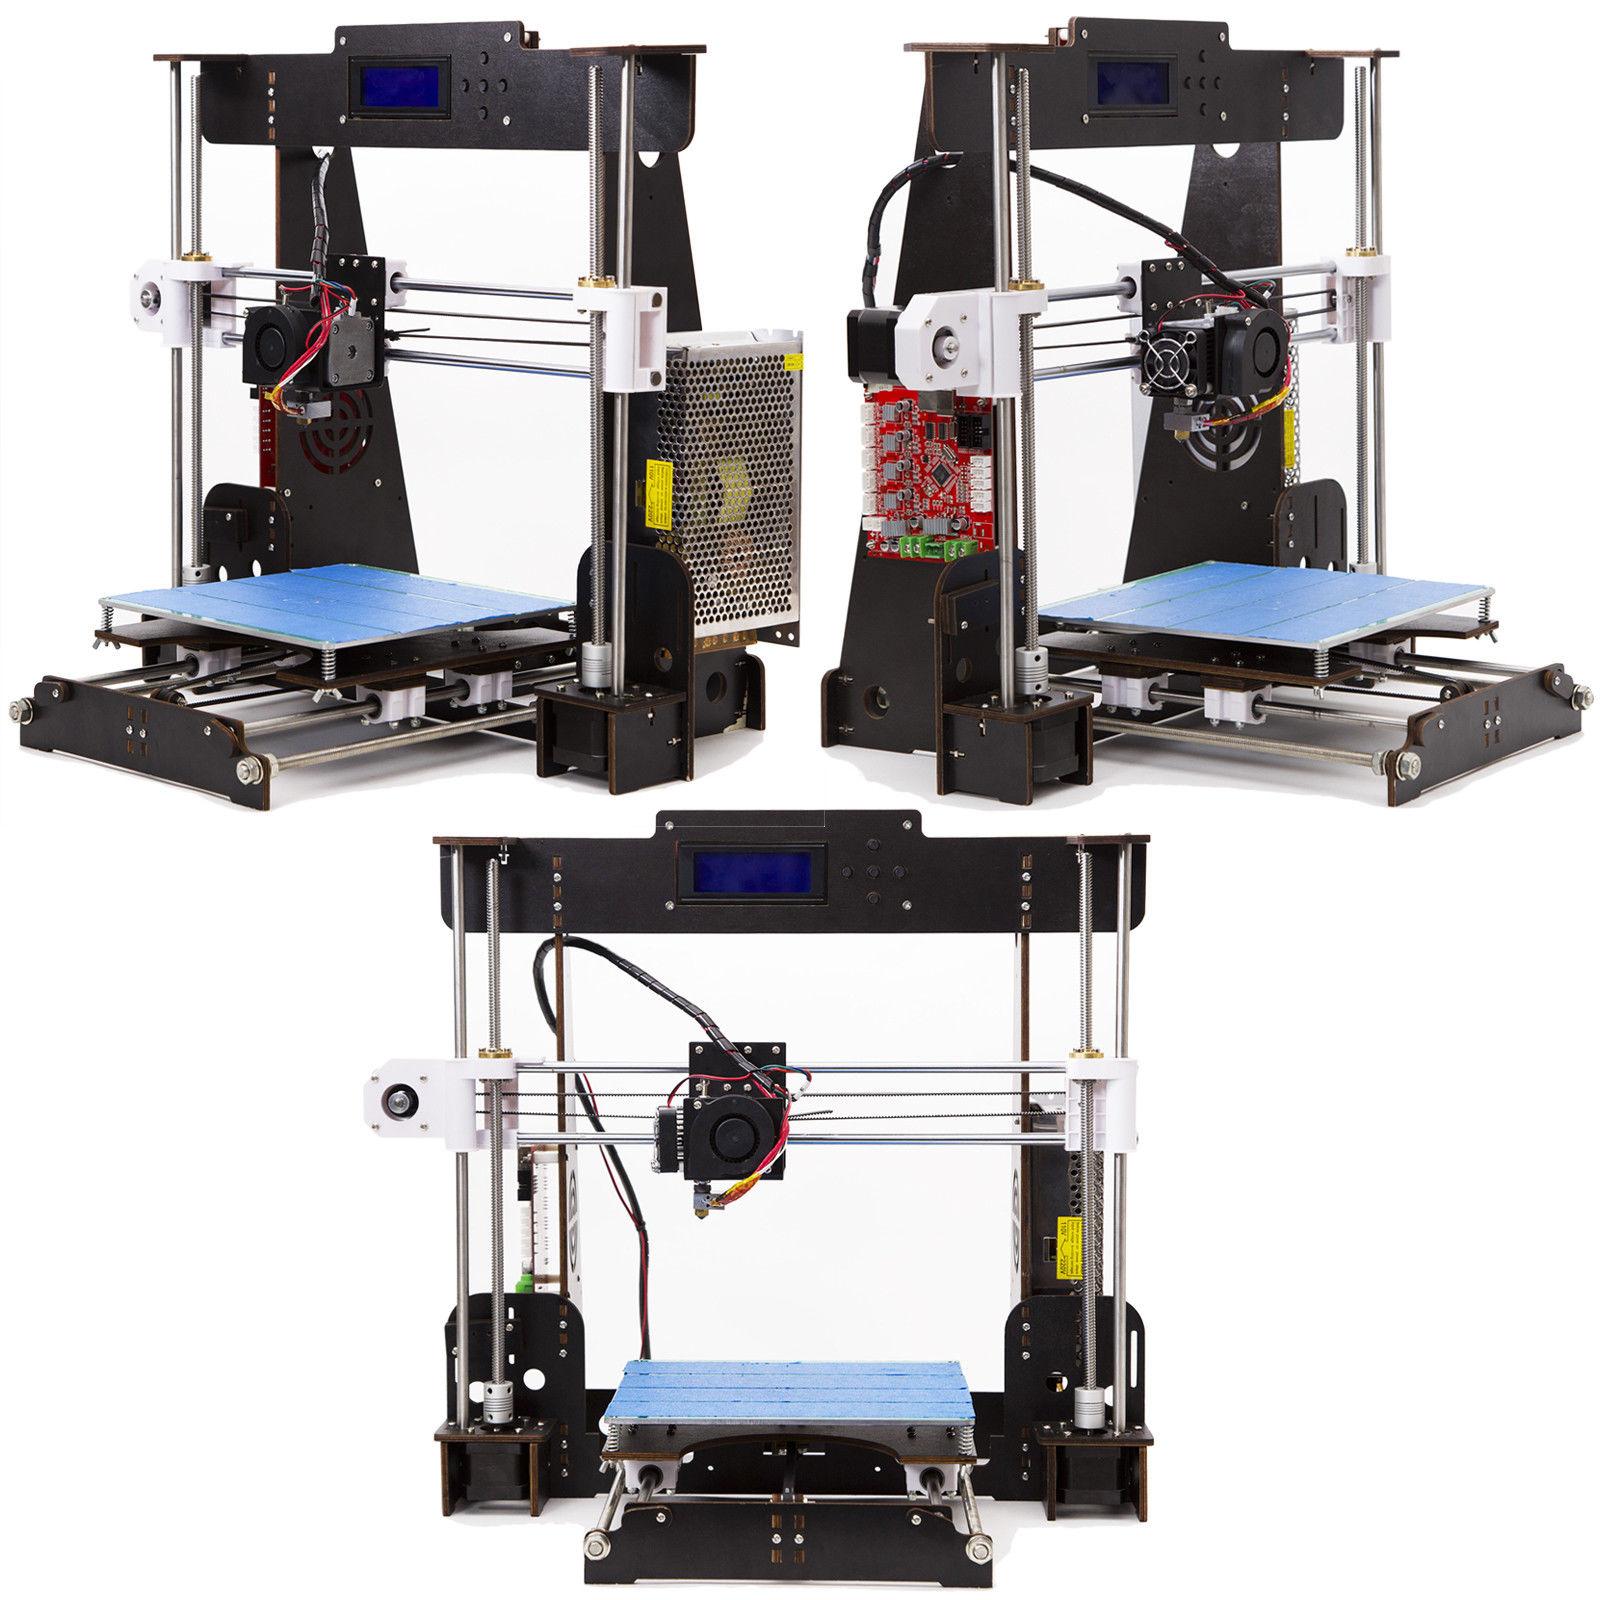 LCD Controller.. MK3 Heatbed MK8 Extruder A8-W5 3D Printer Prusa i3 Reprap